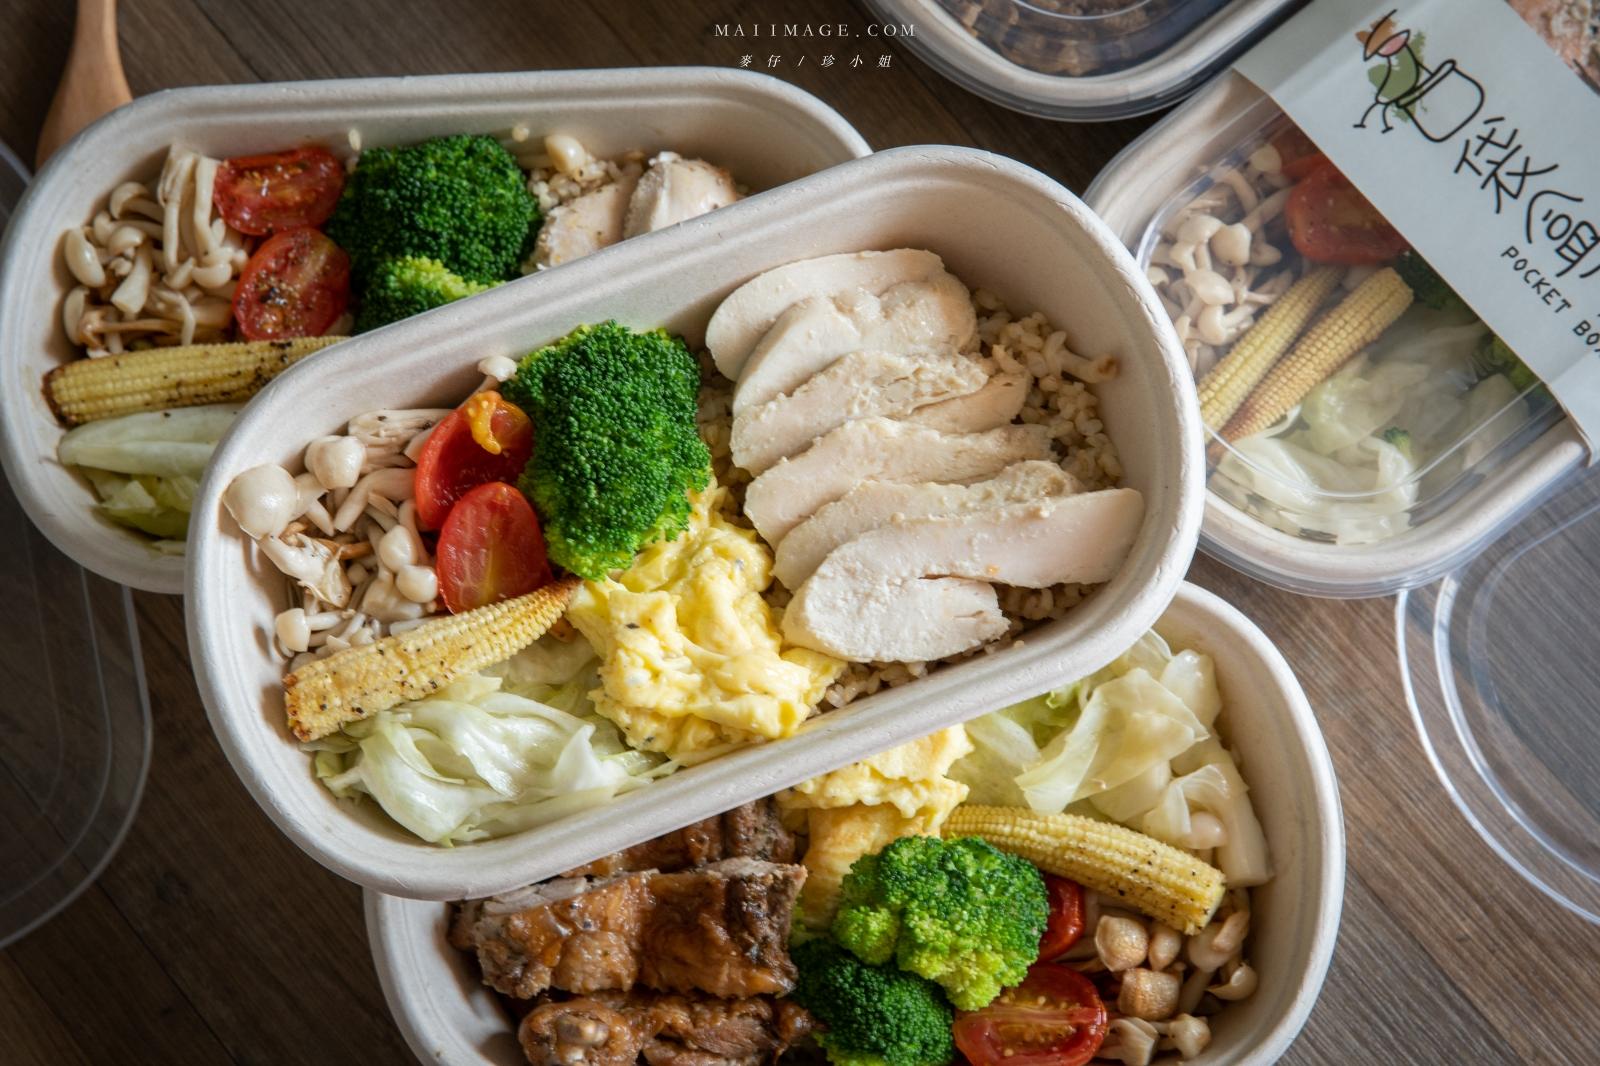 口袋盒子Pocket Box|伊通街新開幕義式餐盒,少油少鹽多健康~大推鄉村義式雞腿,伊通商圈美食、中山區外帶外送推薦